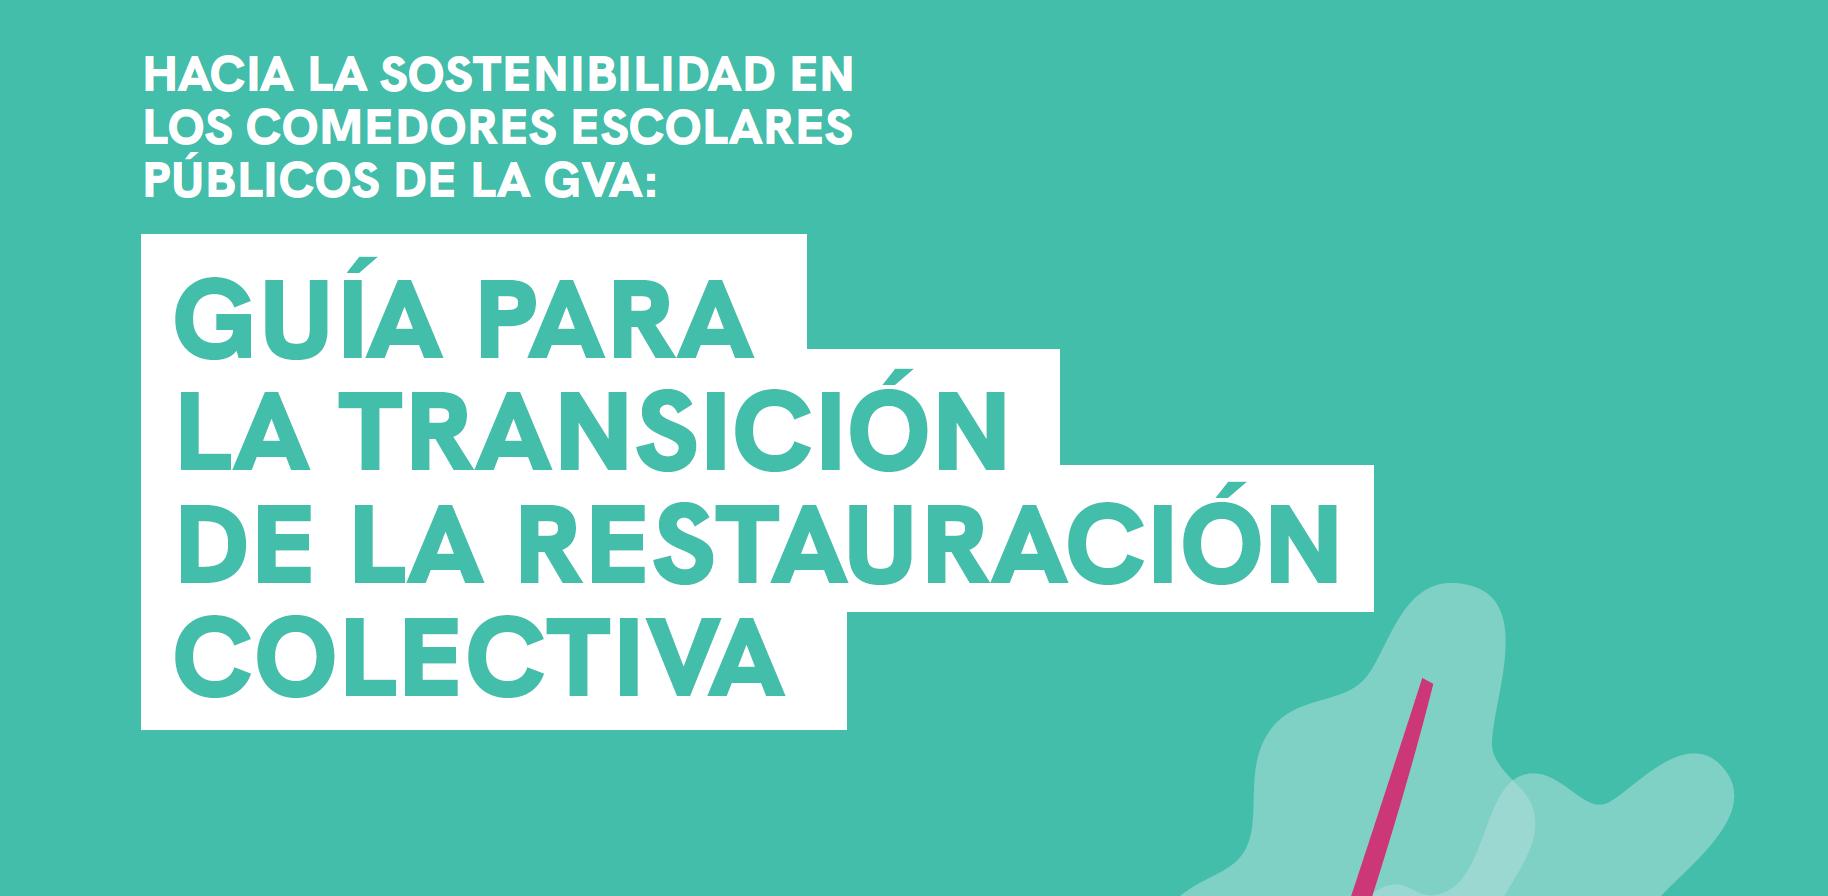 Hacia la sostenibilidad en los comedores escolares públicos de la GVA